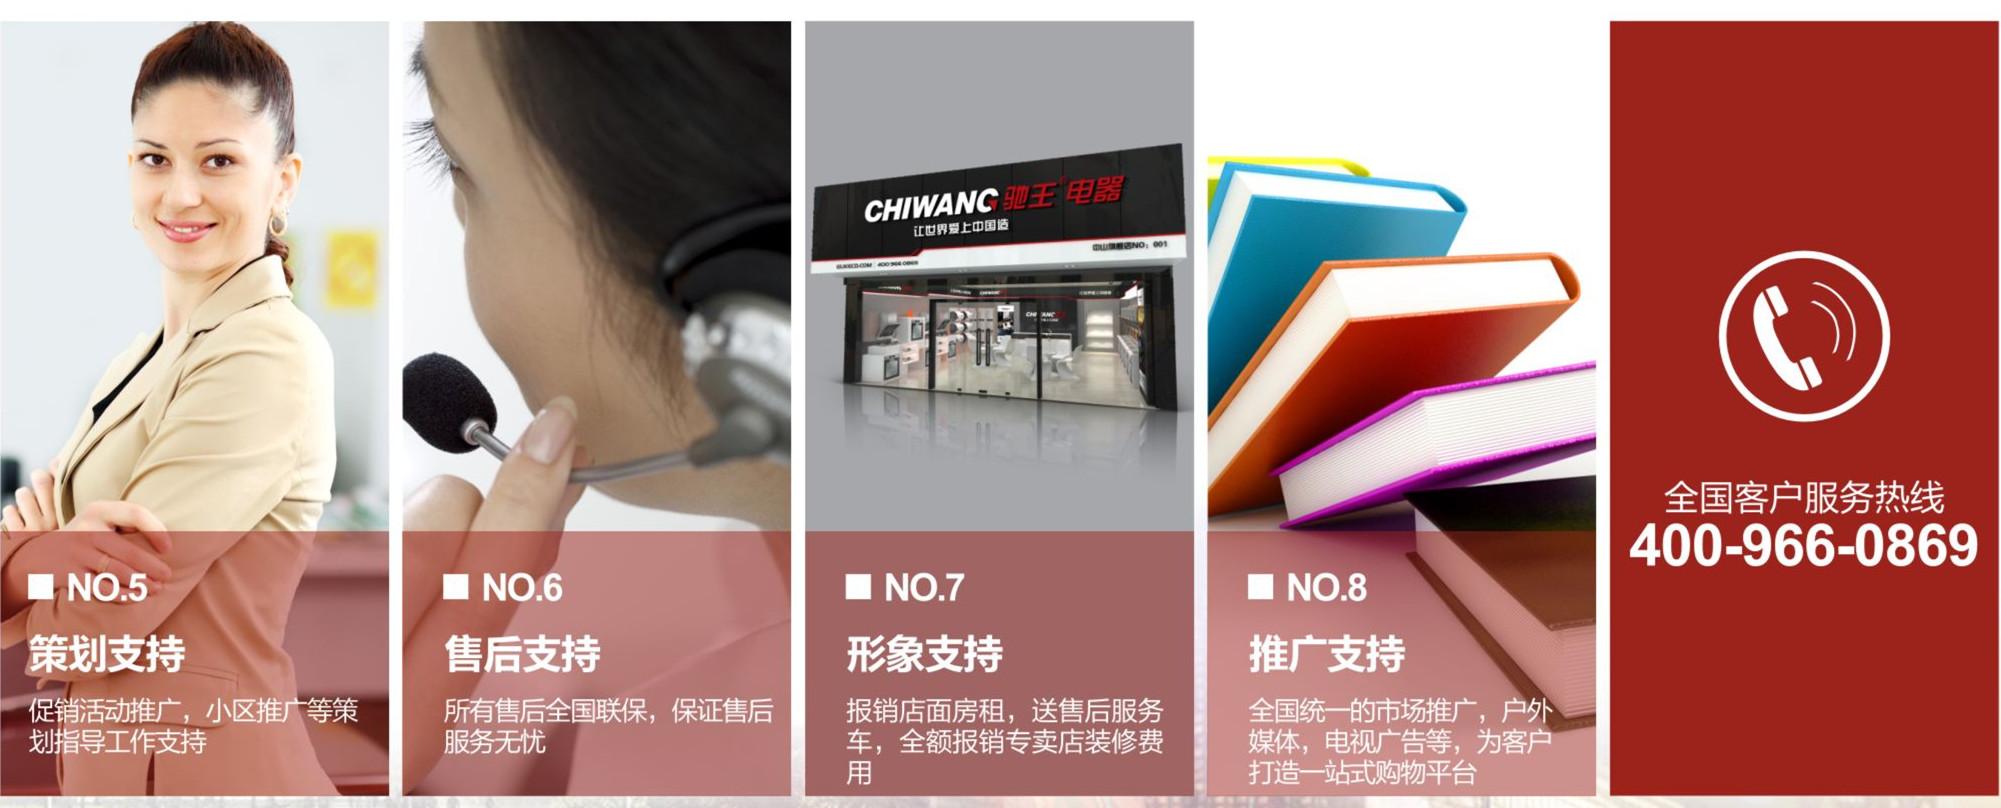 广东007比分网站